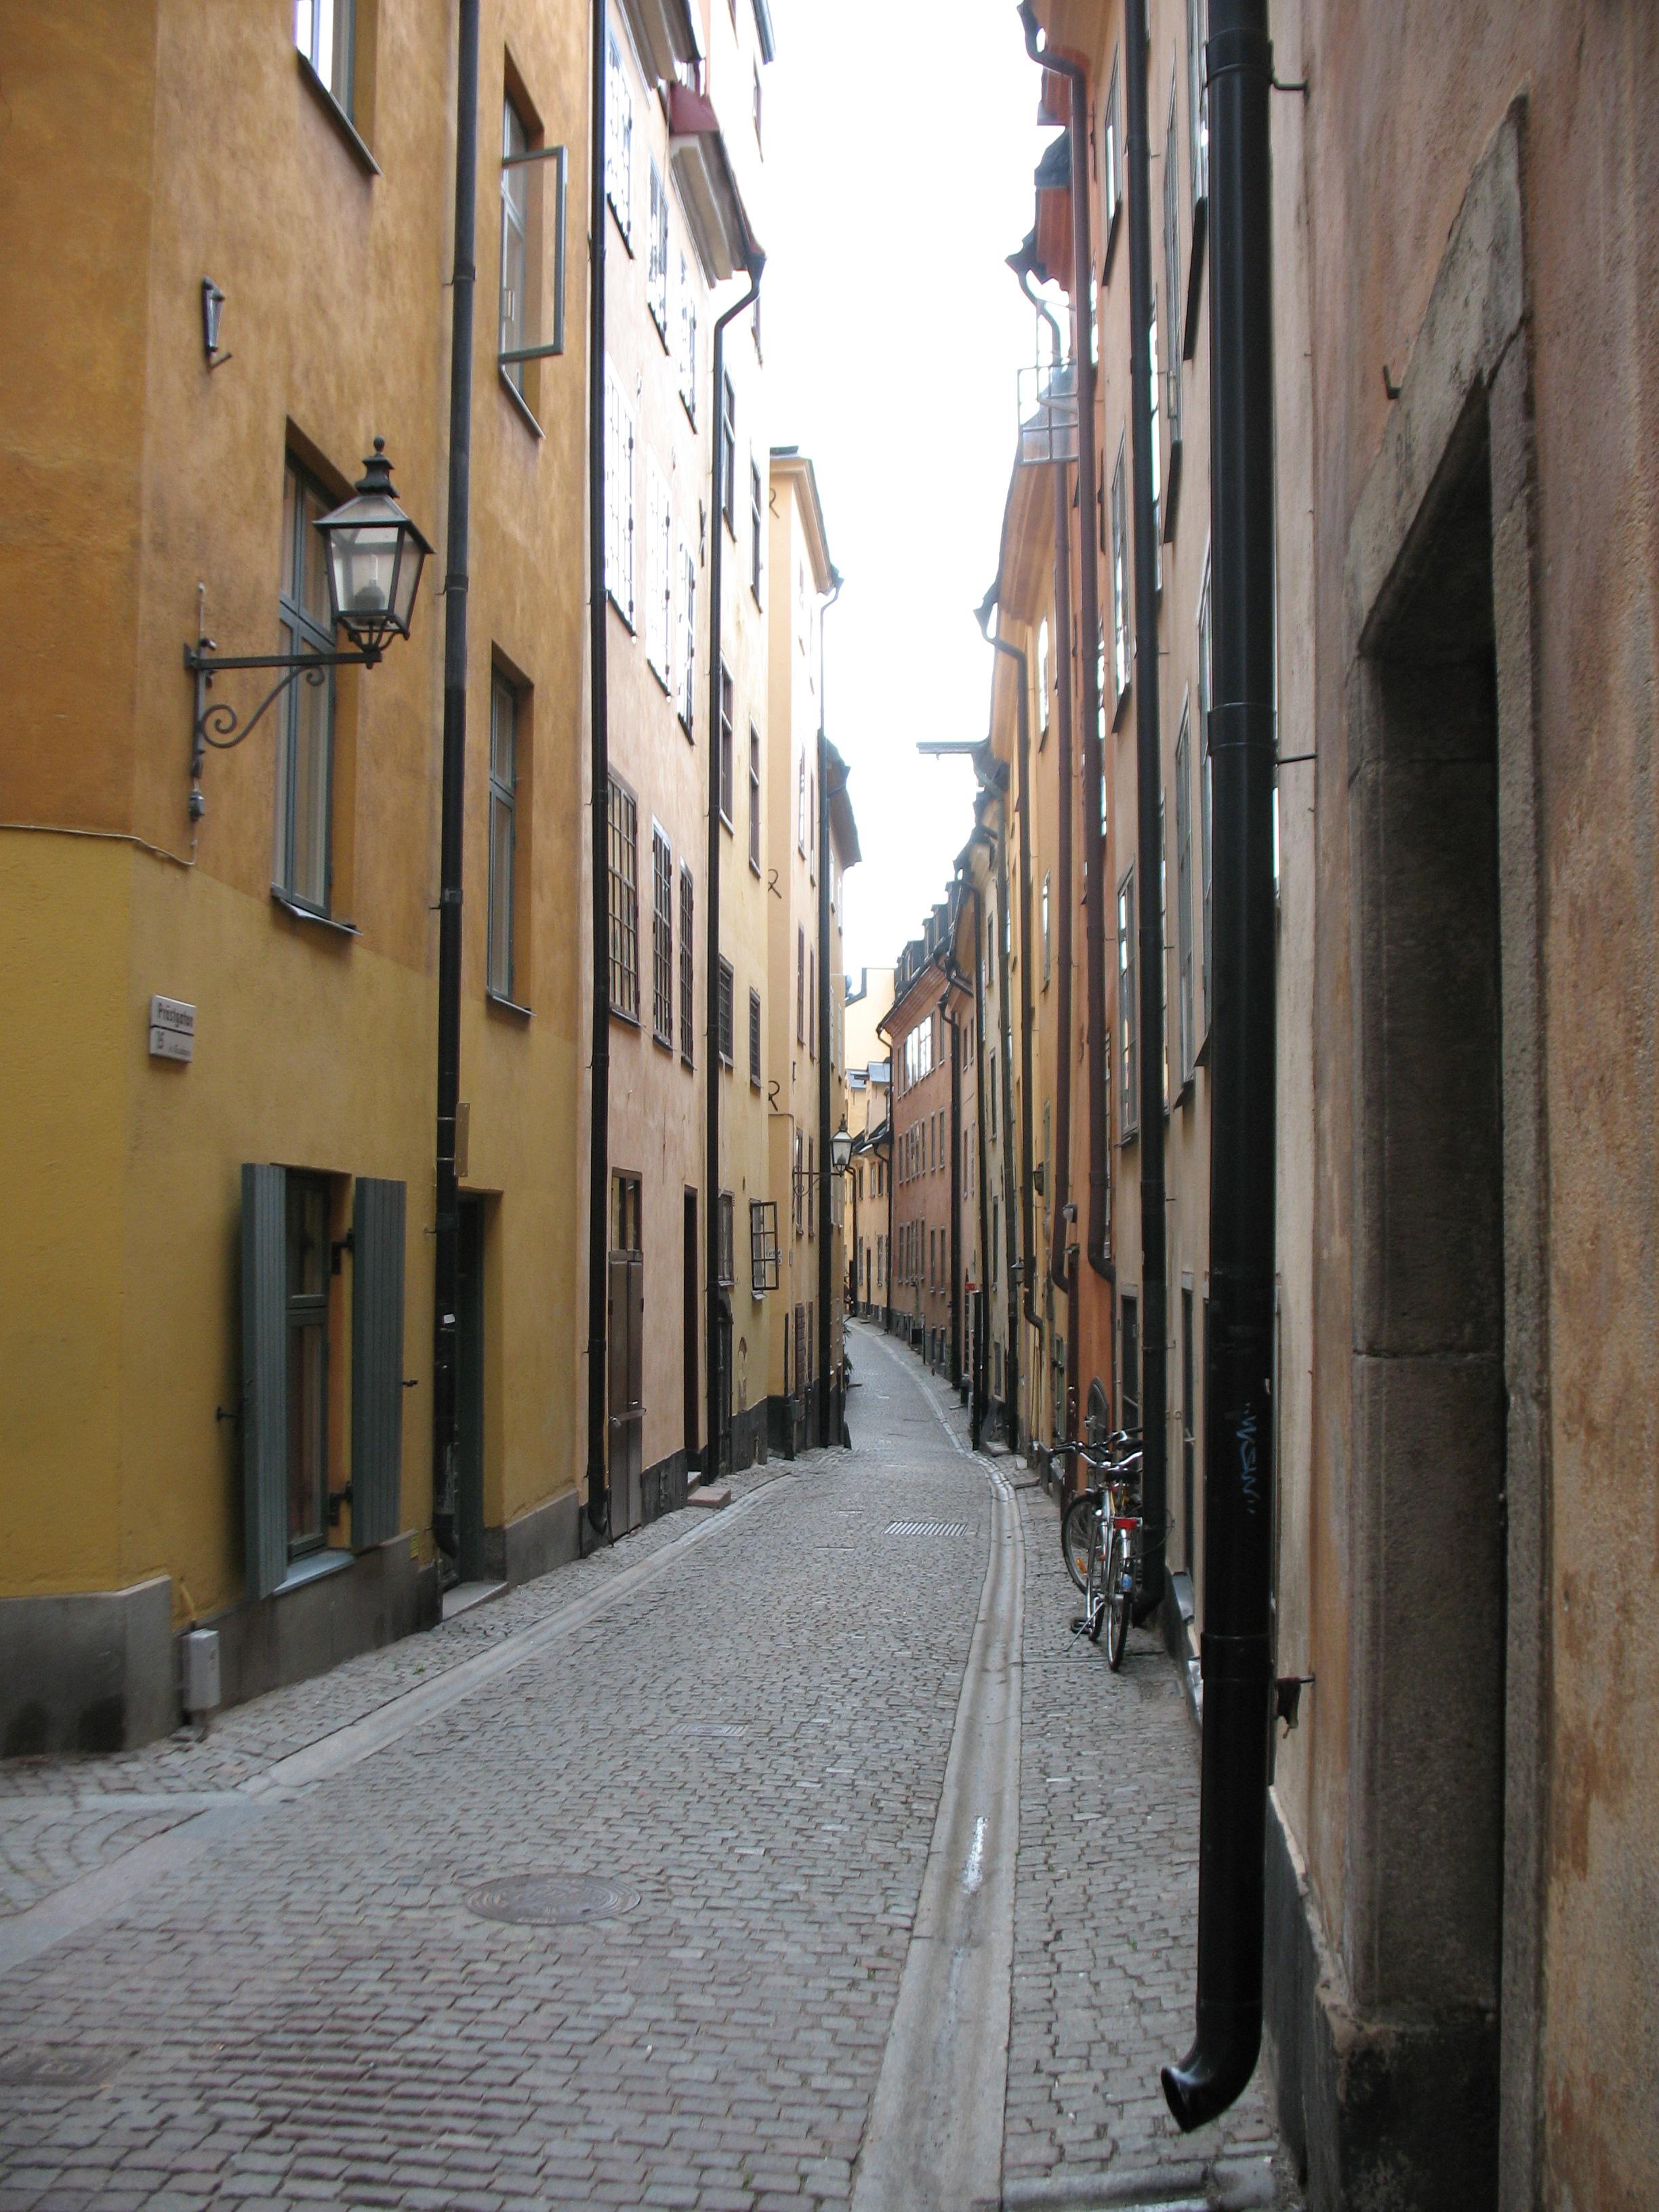 Stockholm neighborhood charm.